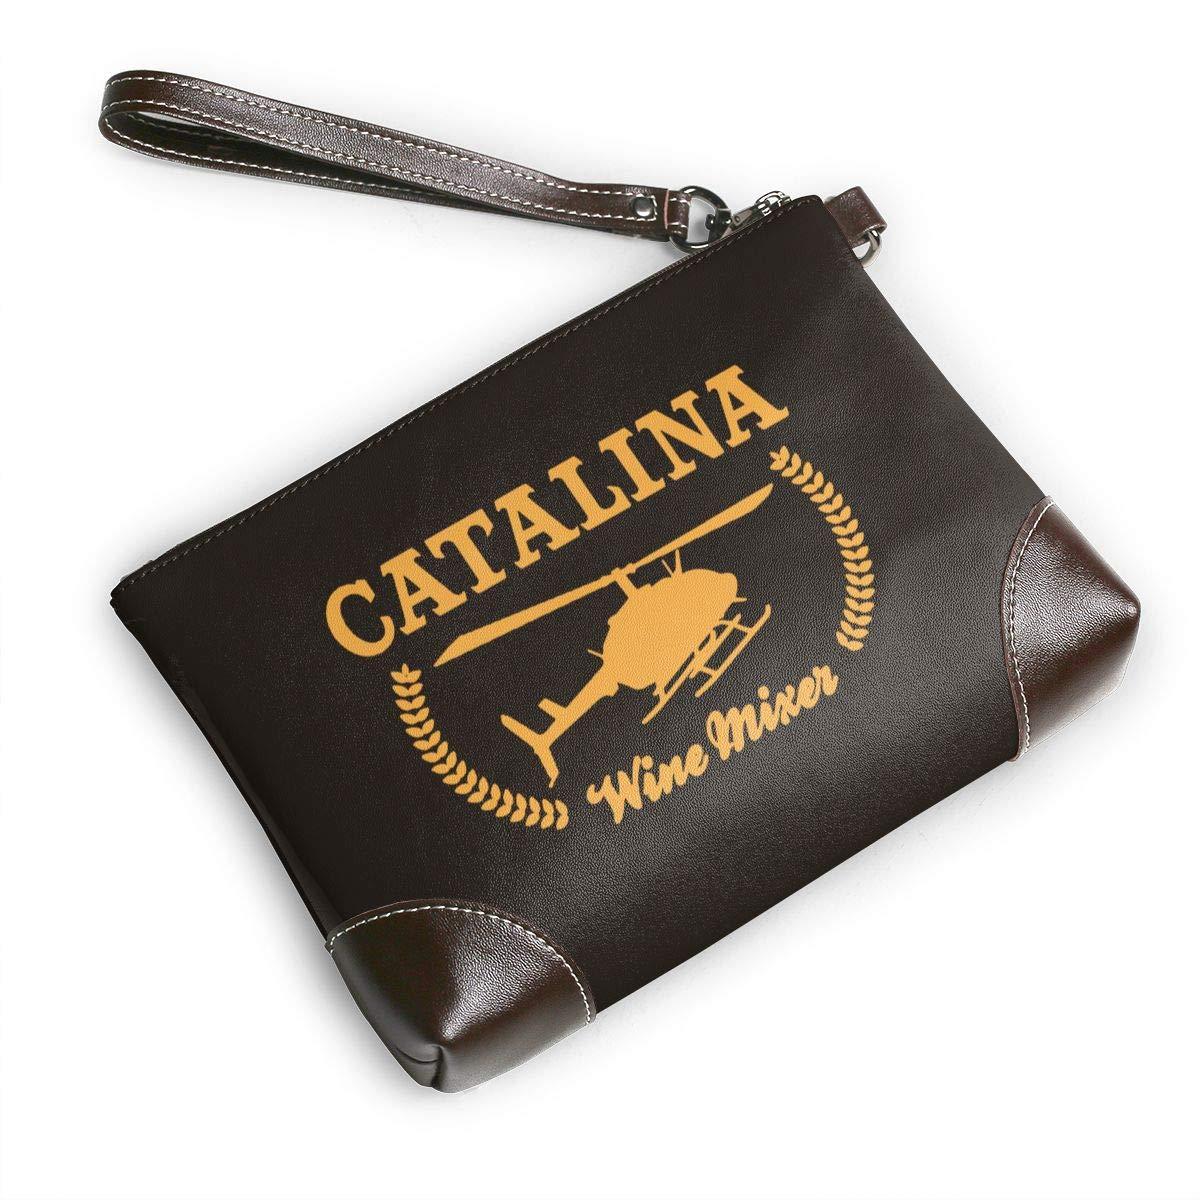 353d Special Operations Group hundbädd, mjuk, halkfri, lyxig, finns i olika utföranden Catalina vinblandare